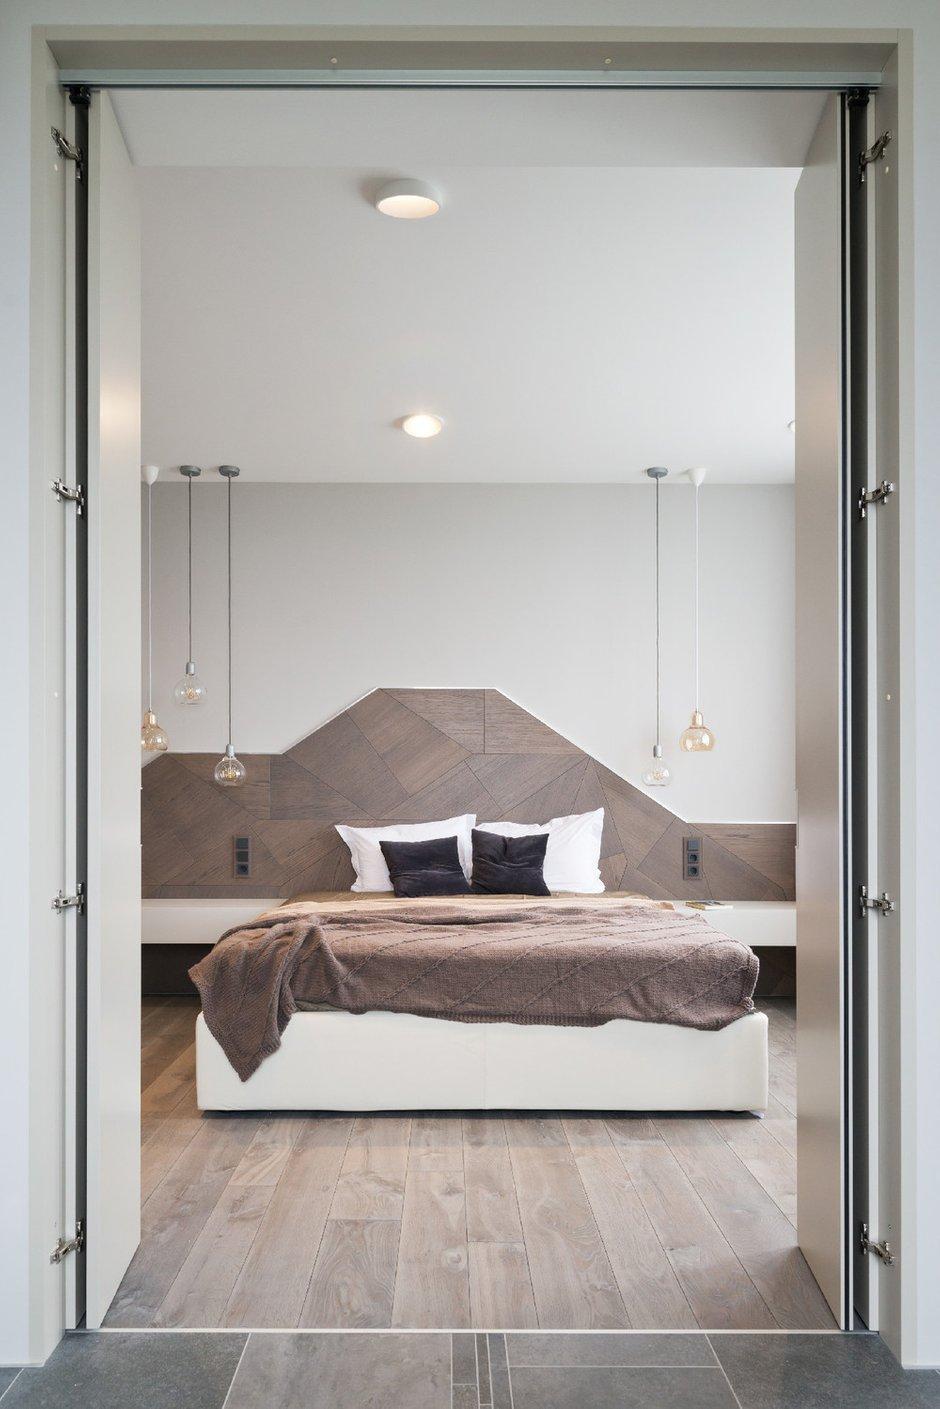 Фотография: Спальня в стиле Современный, Эко, Квартира, Минимализм, Проект недели – фото на INMYROOM